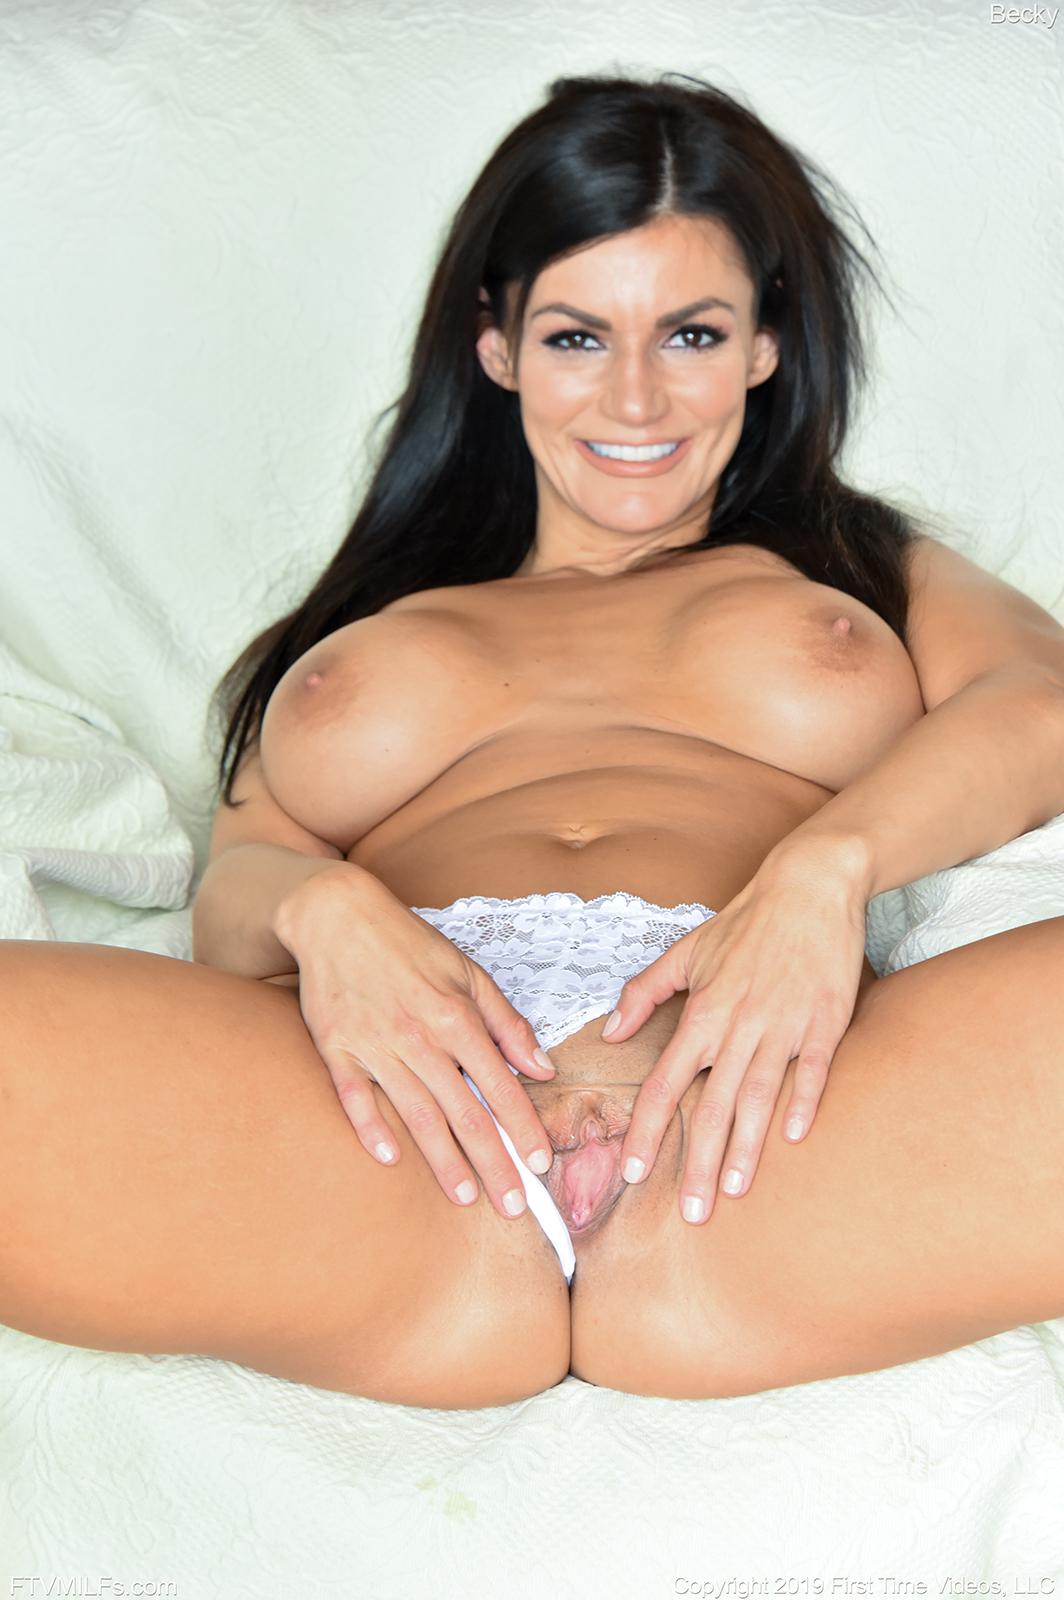 ftv girls becky big boobs nackt